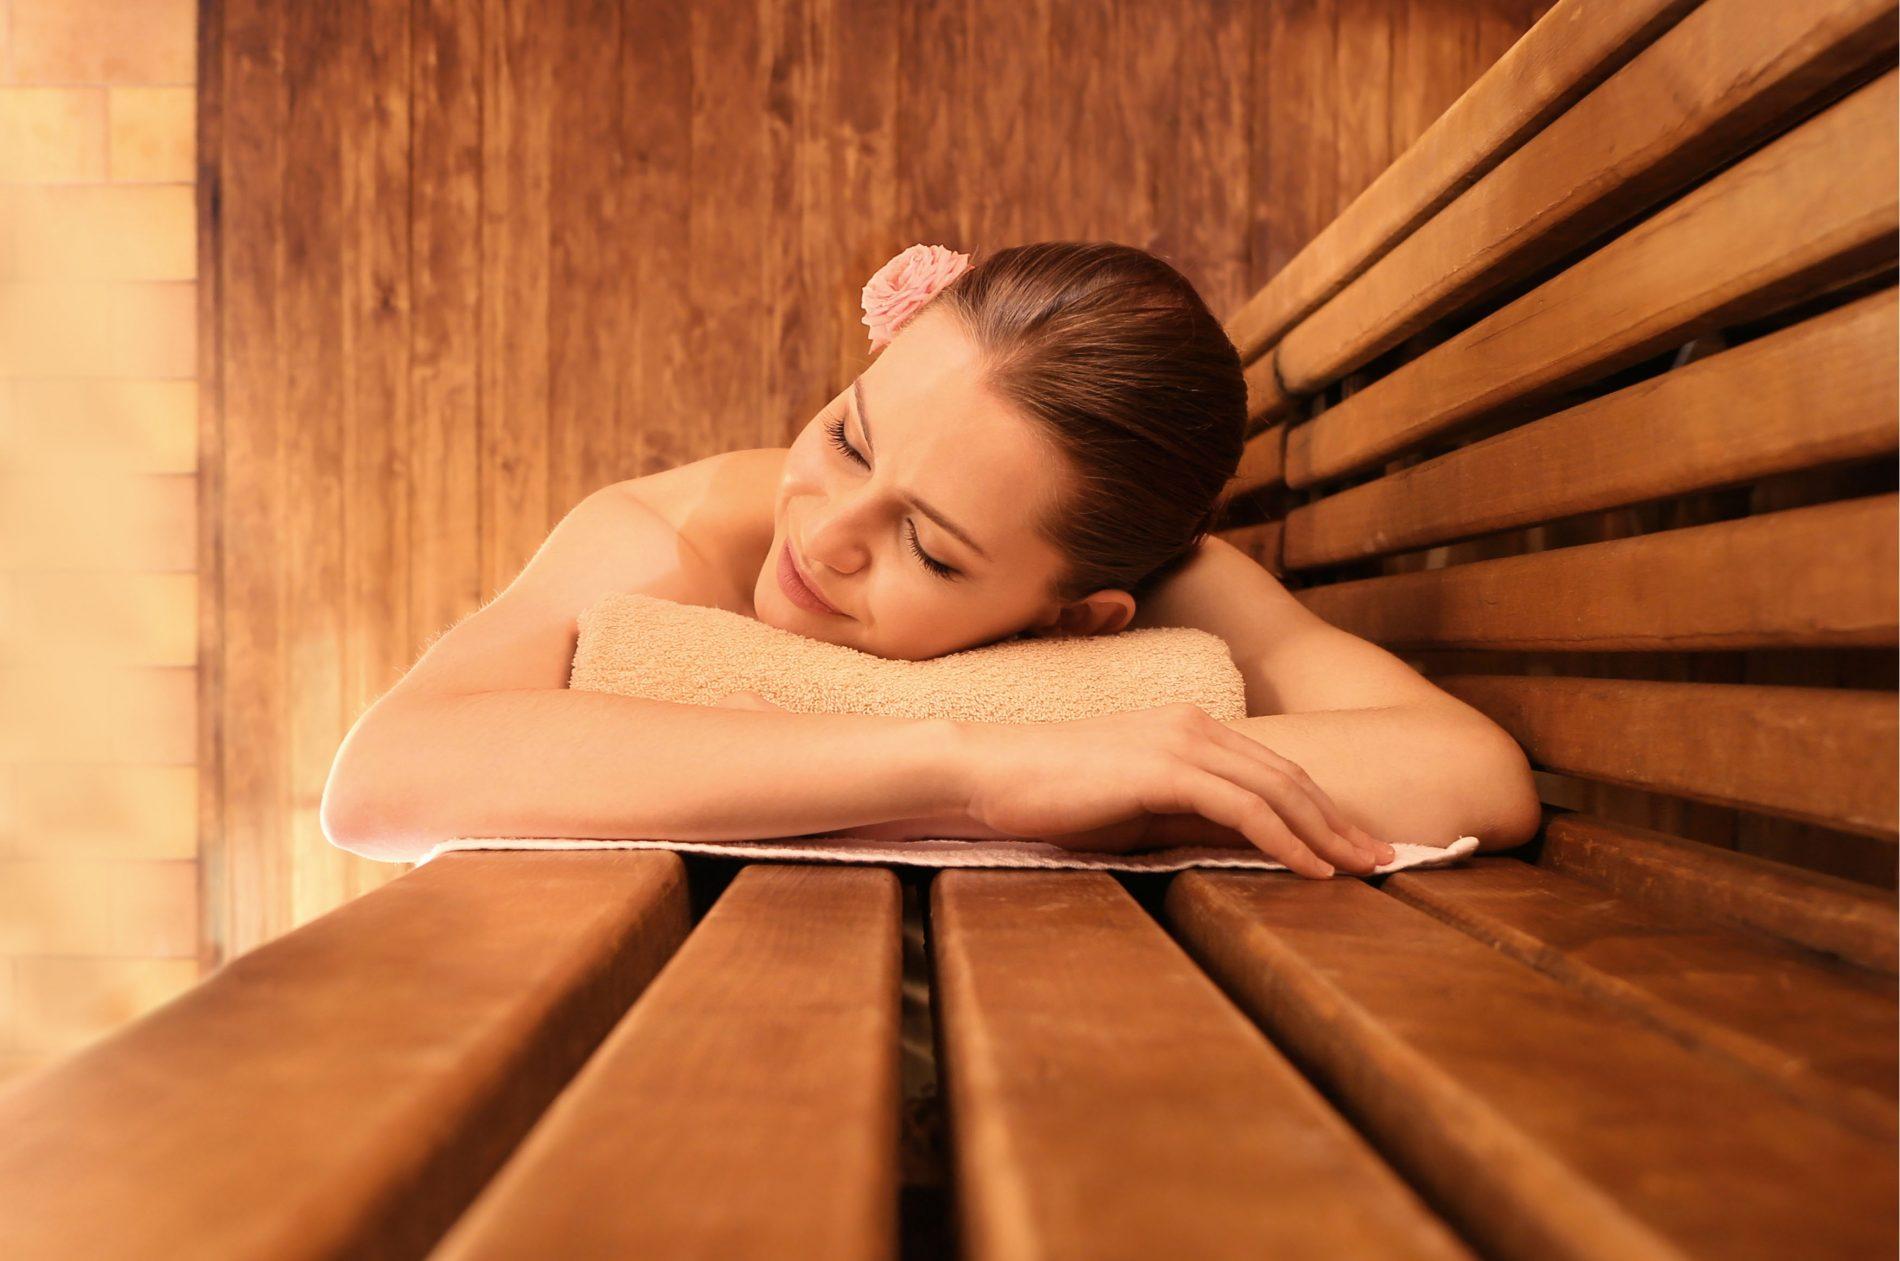 fai una sauna per ritrovare l'energia perduta